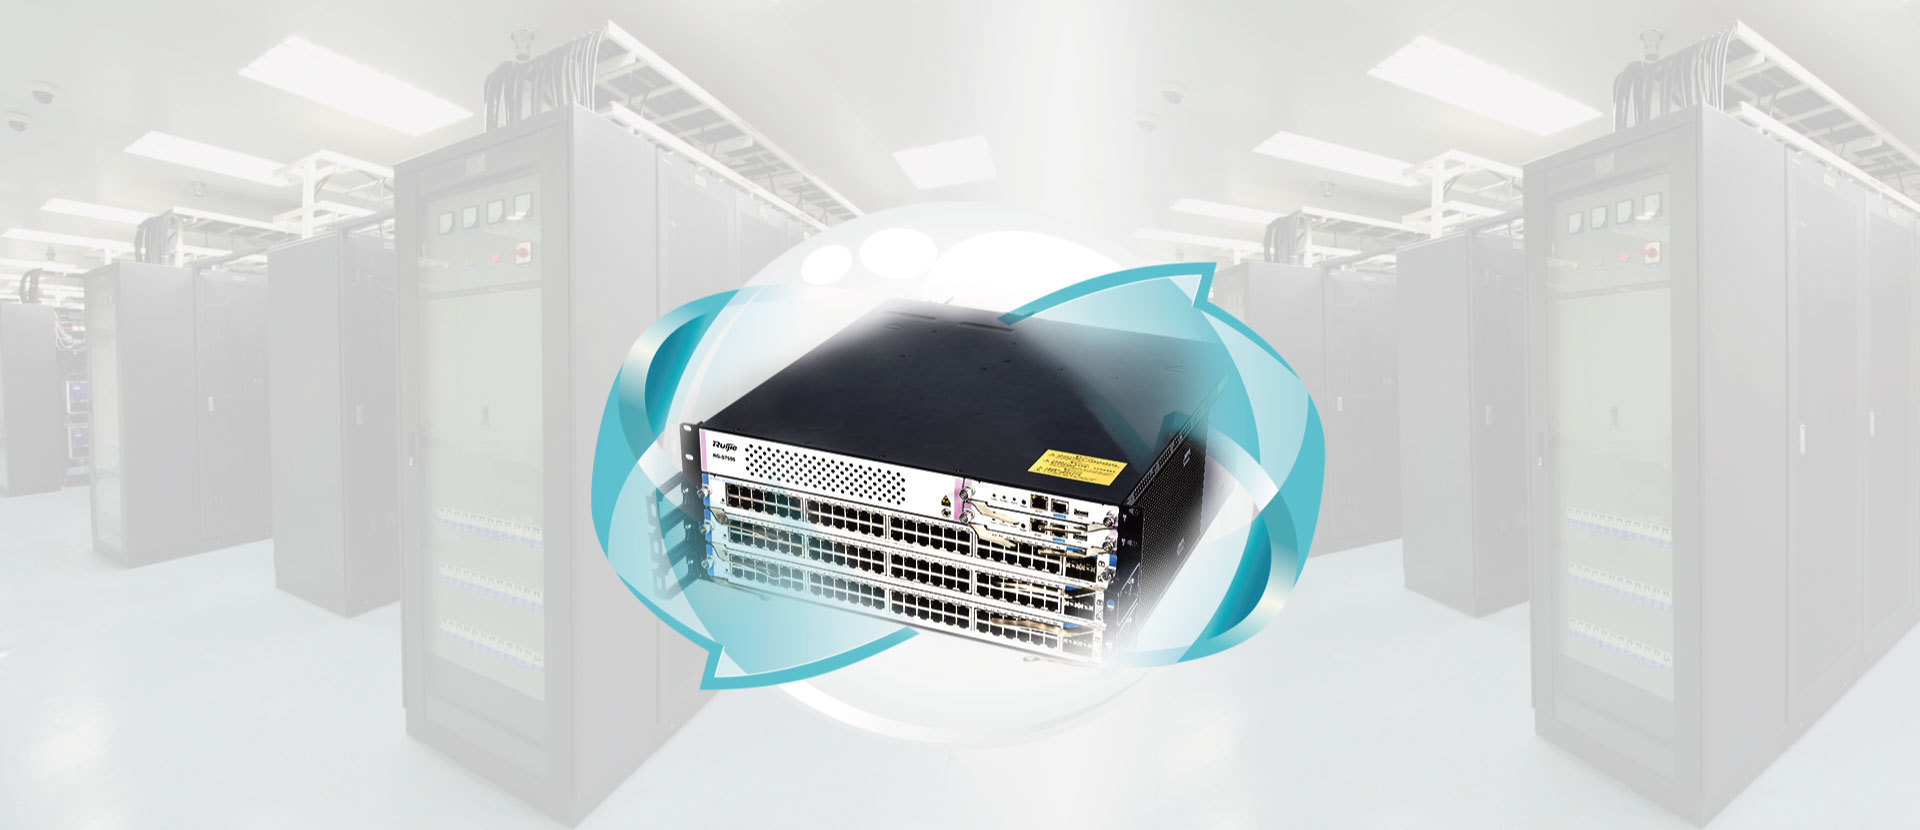 锐捷睿易模块化核心交换机RG-S7505-3